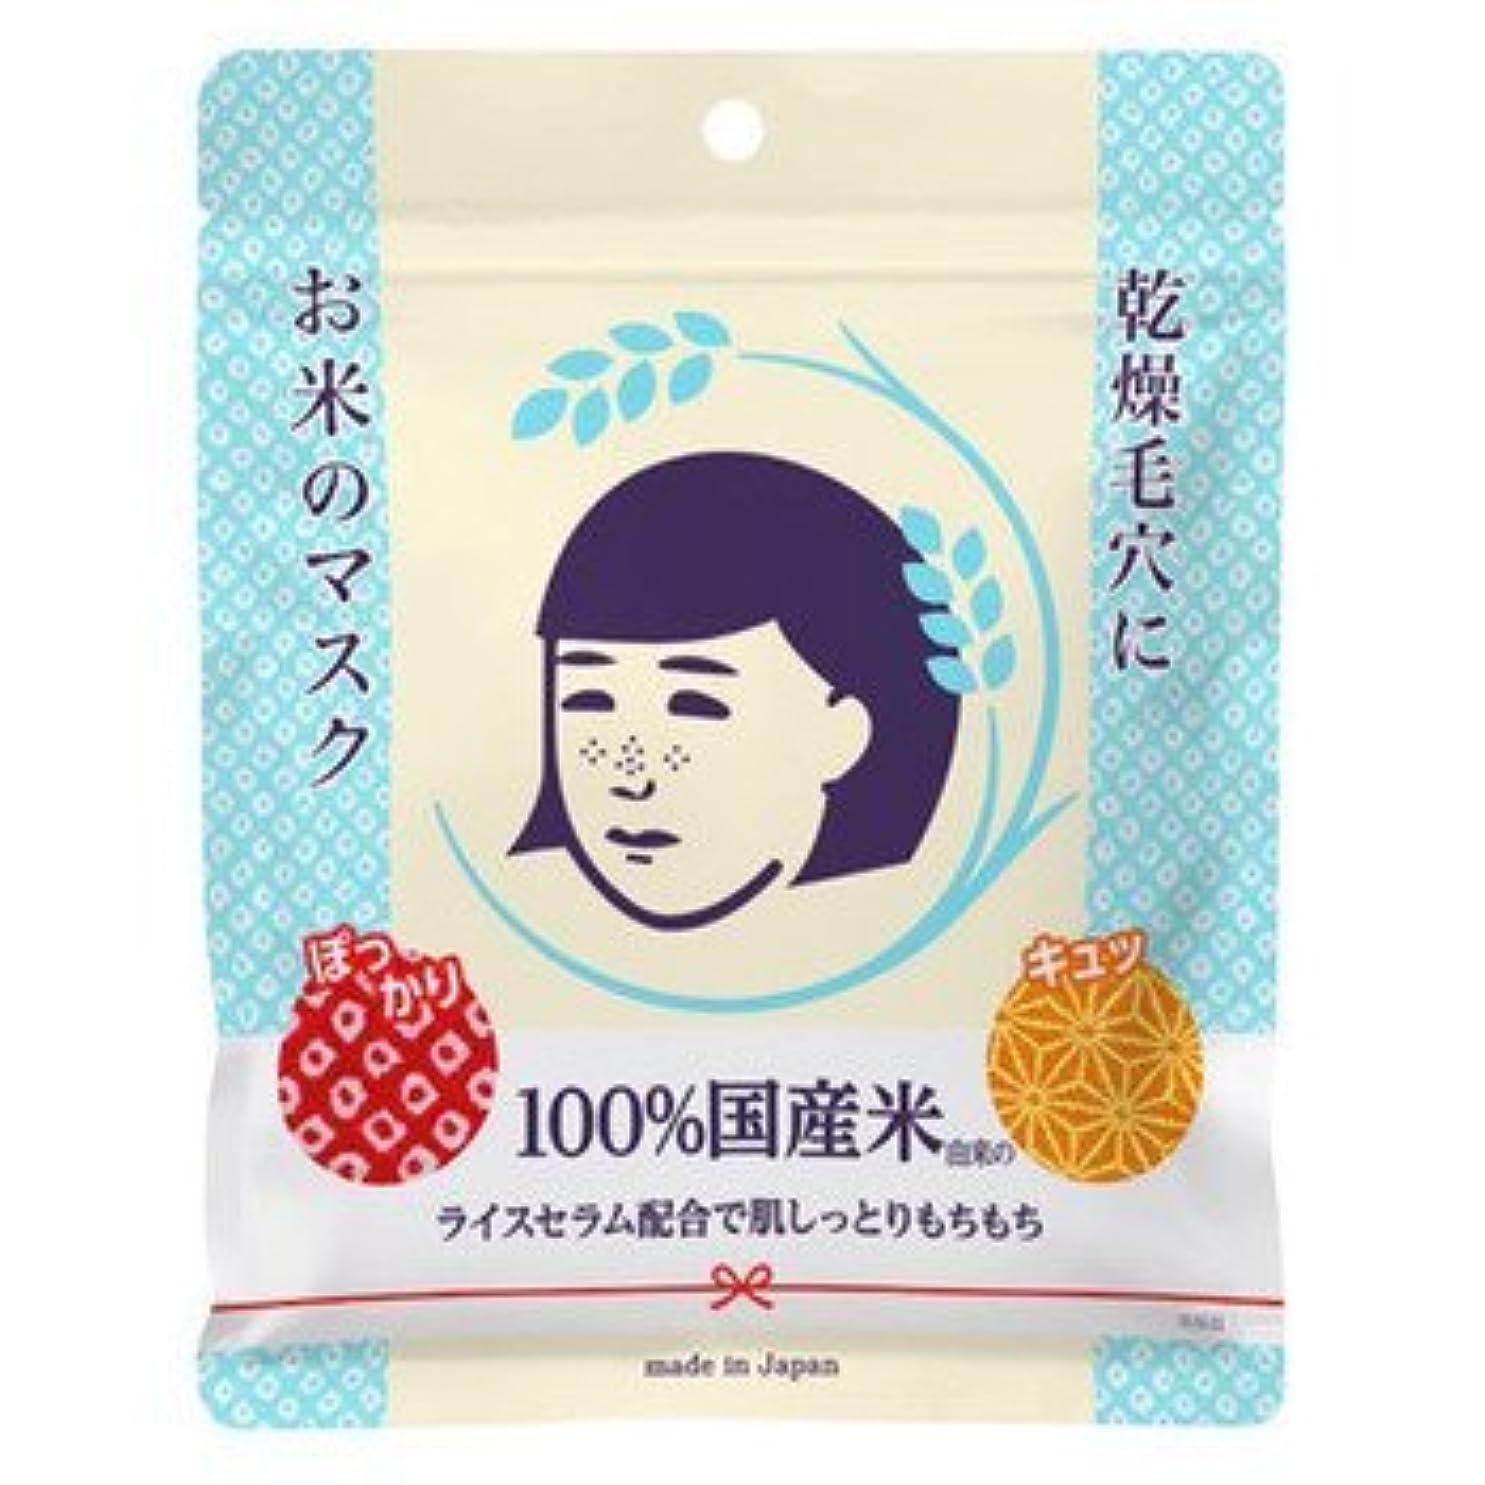 毛穴撫子 お米のマスク ×2個セット